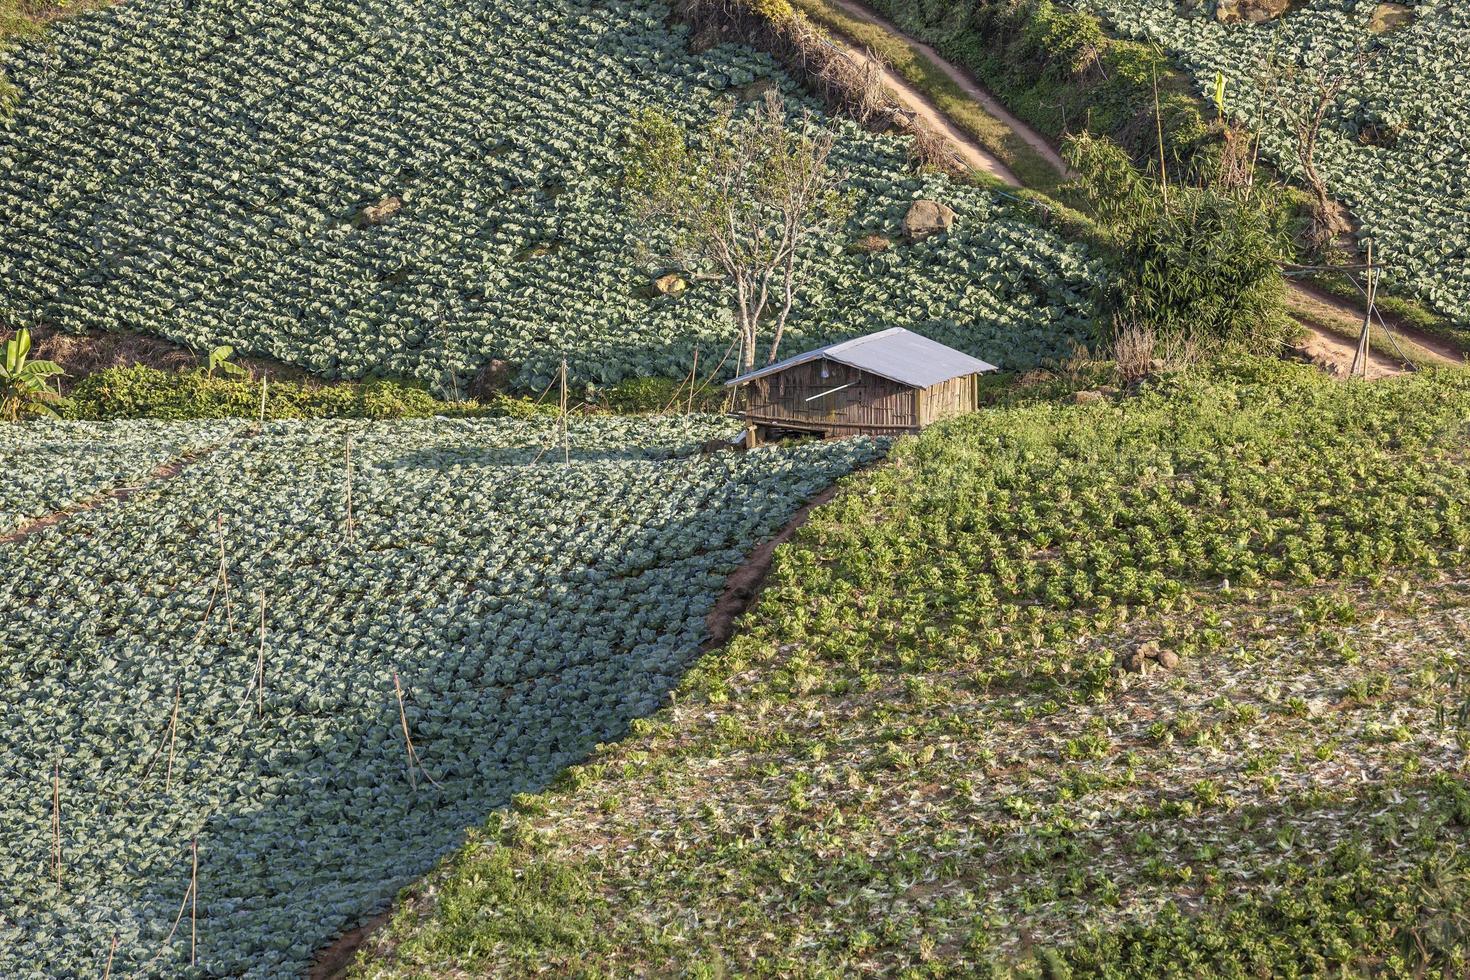 kool plantage veld op de berg foto